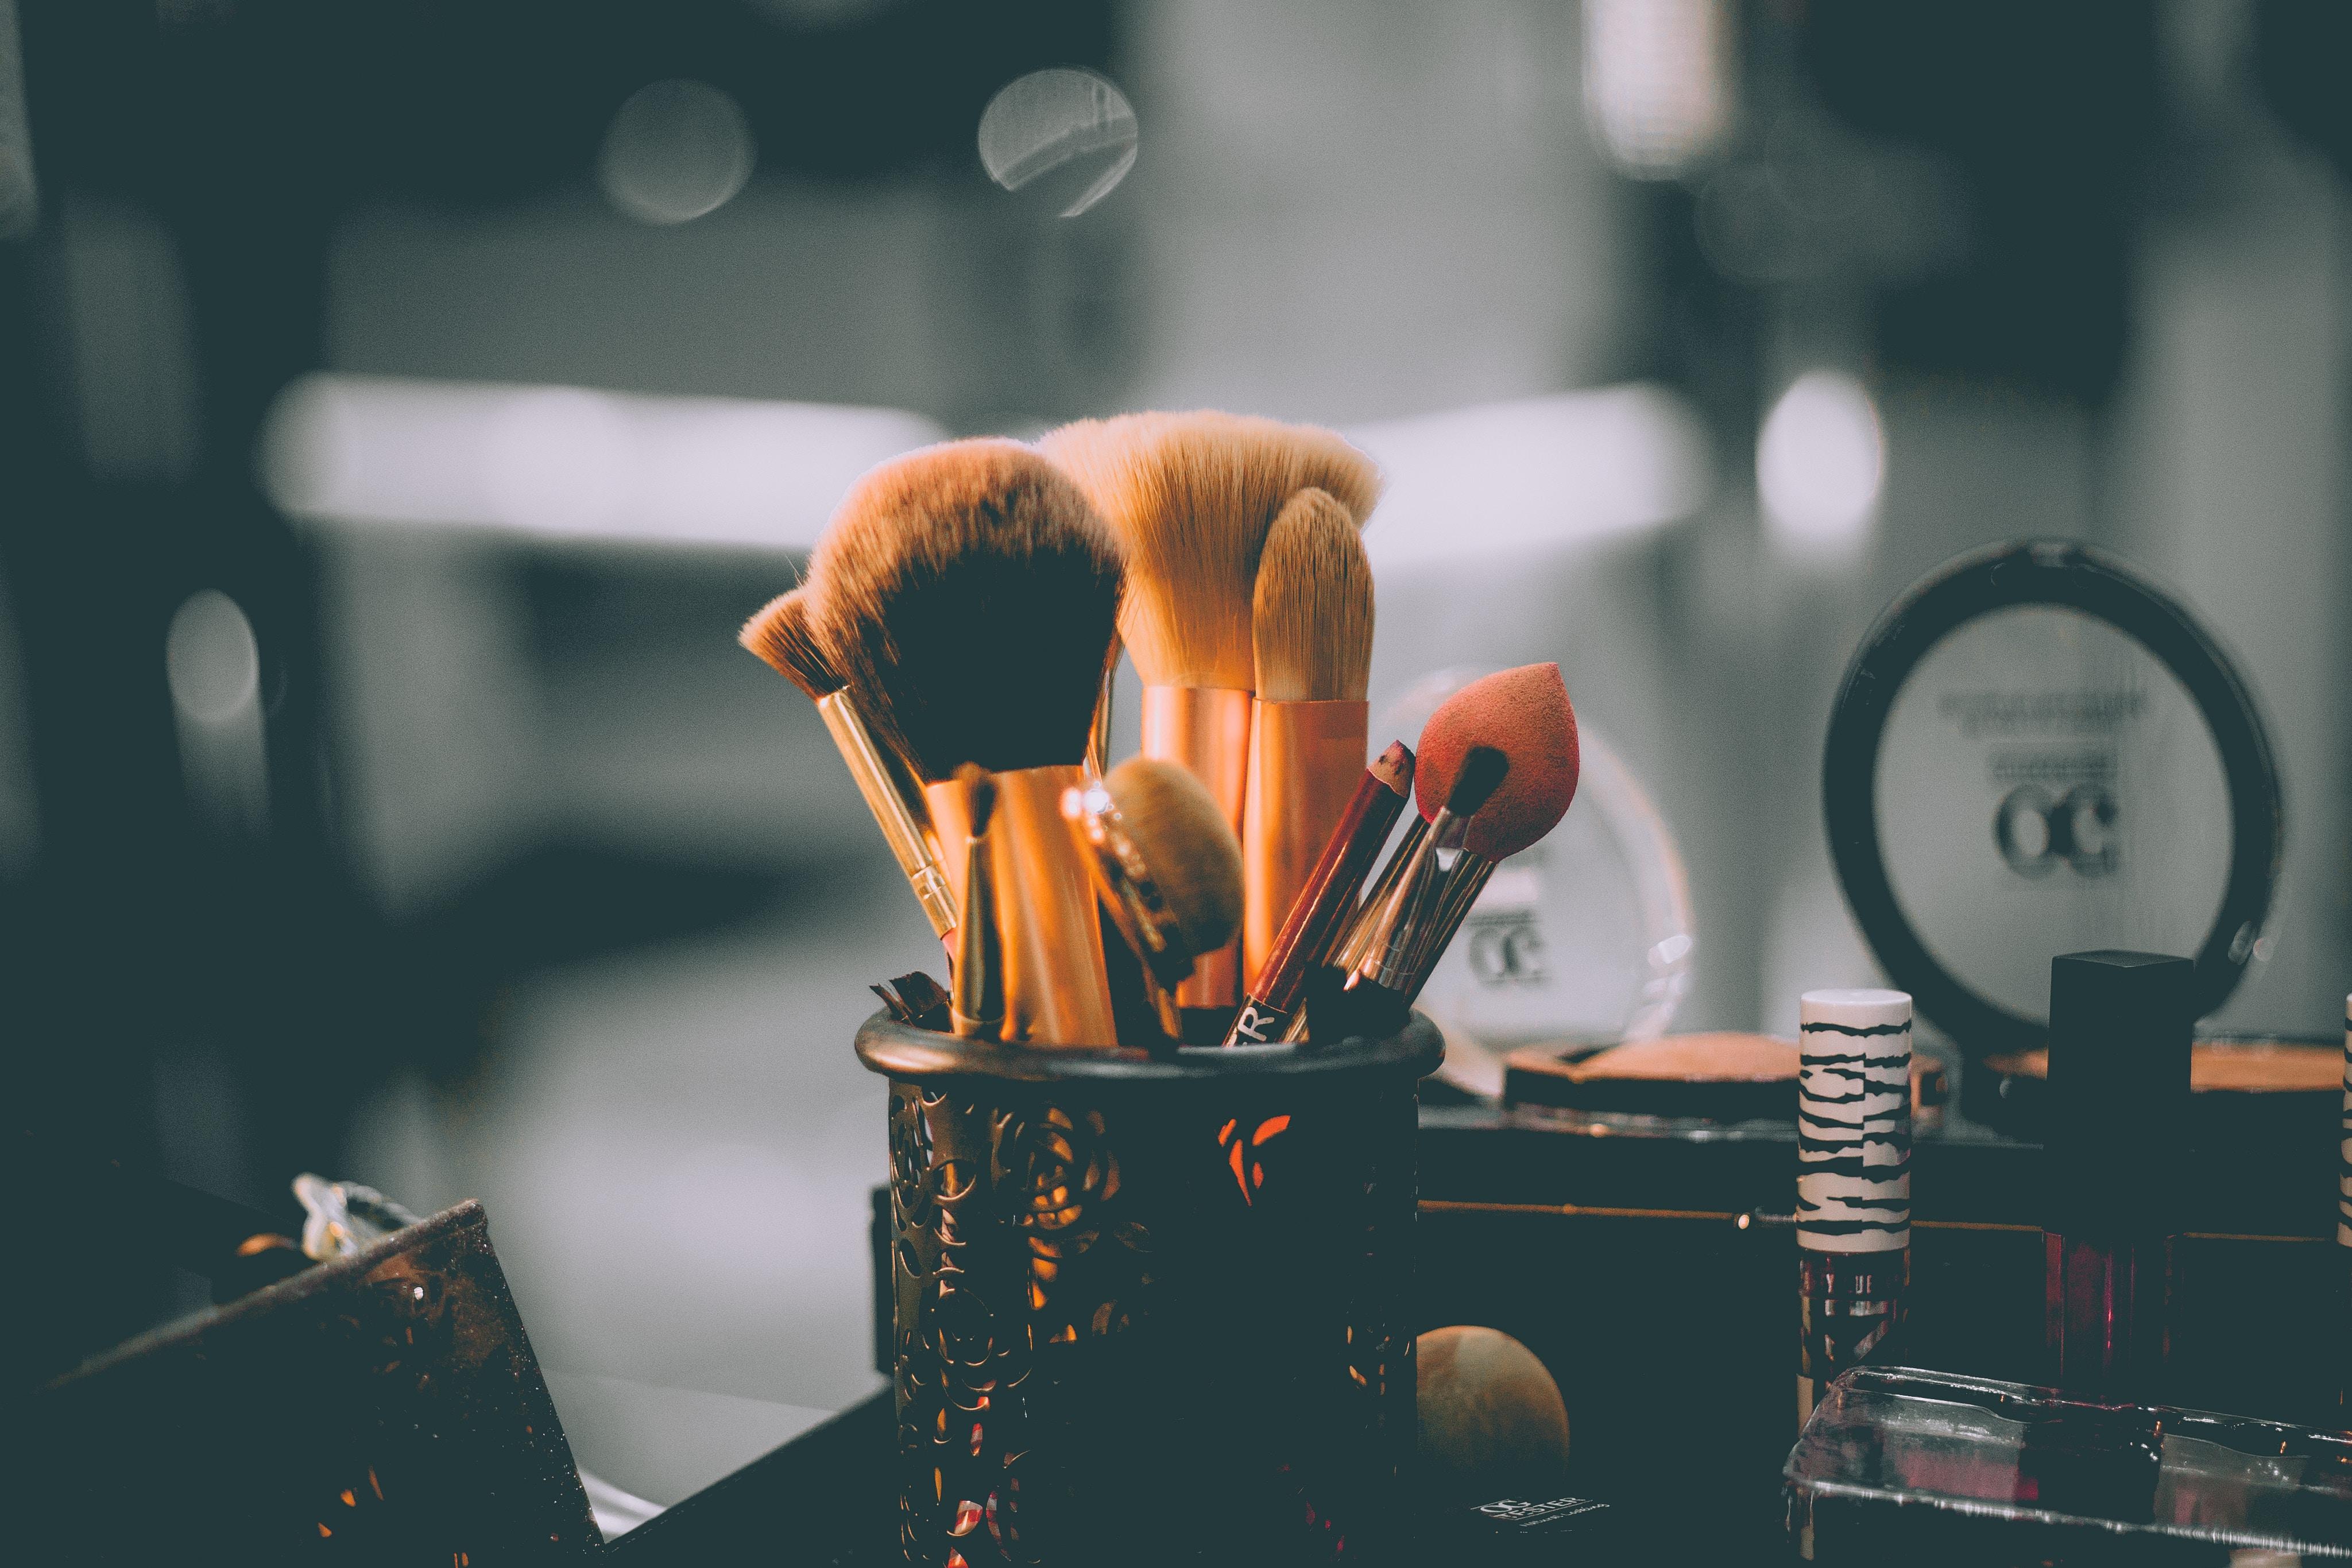 毛穴が消える歯ブラシ型メイクブラシ(オーバルブラシ)【ランキング10選】使わないともったいない優秀アイテム アイキャッチ画像